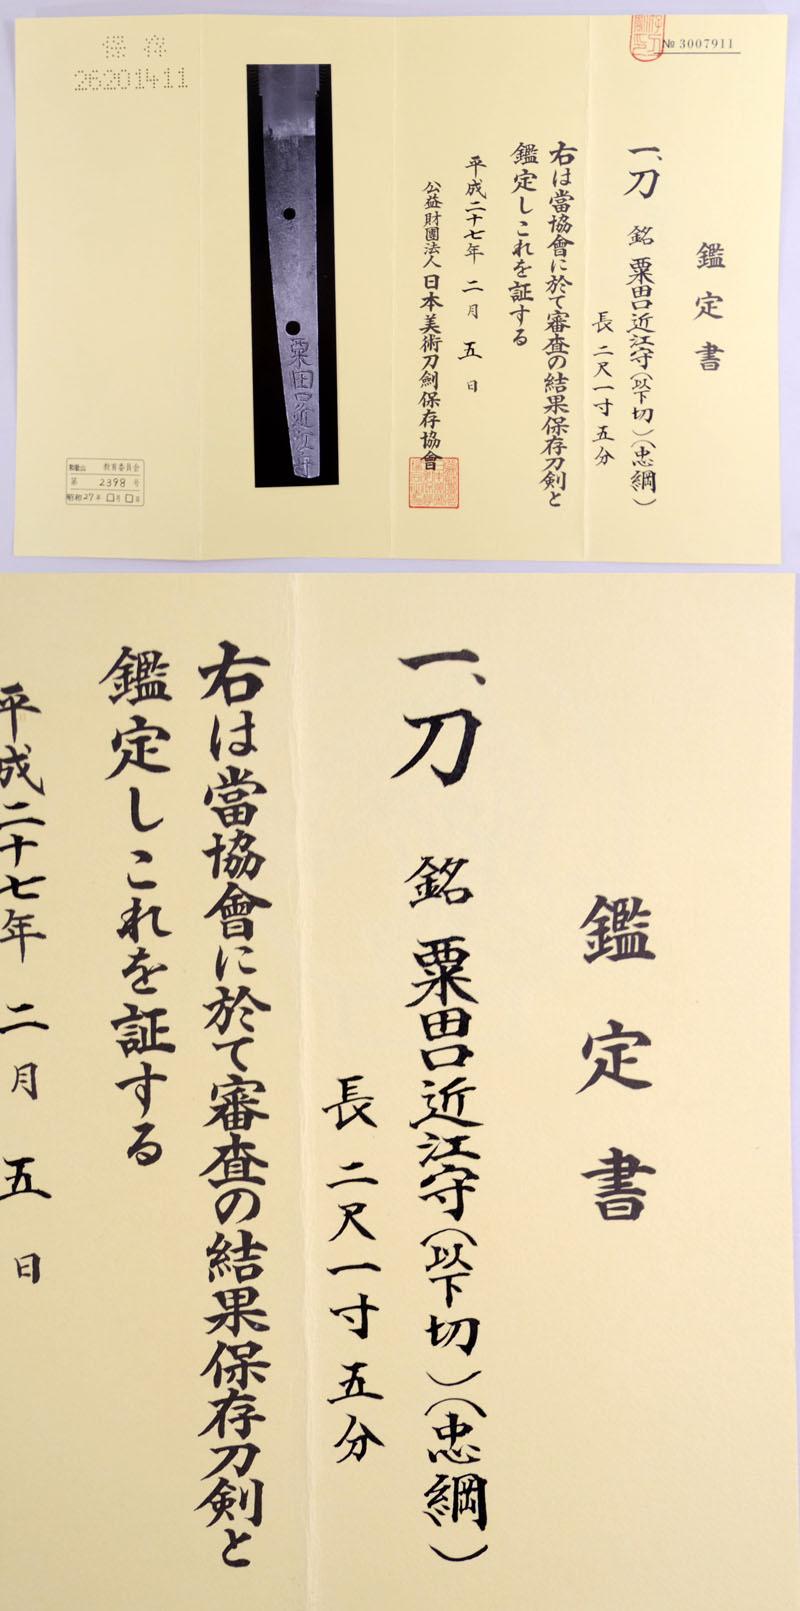 粟田口近江守(以下切)(忠綱・初代)鑑定書画像